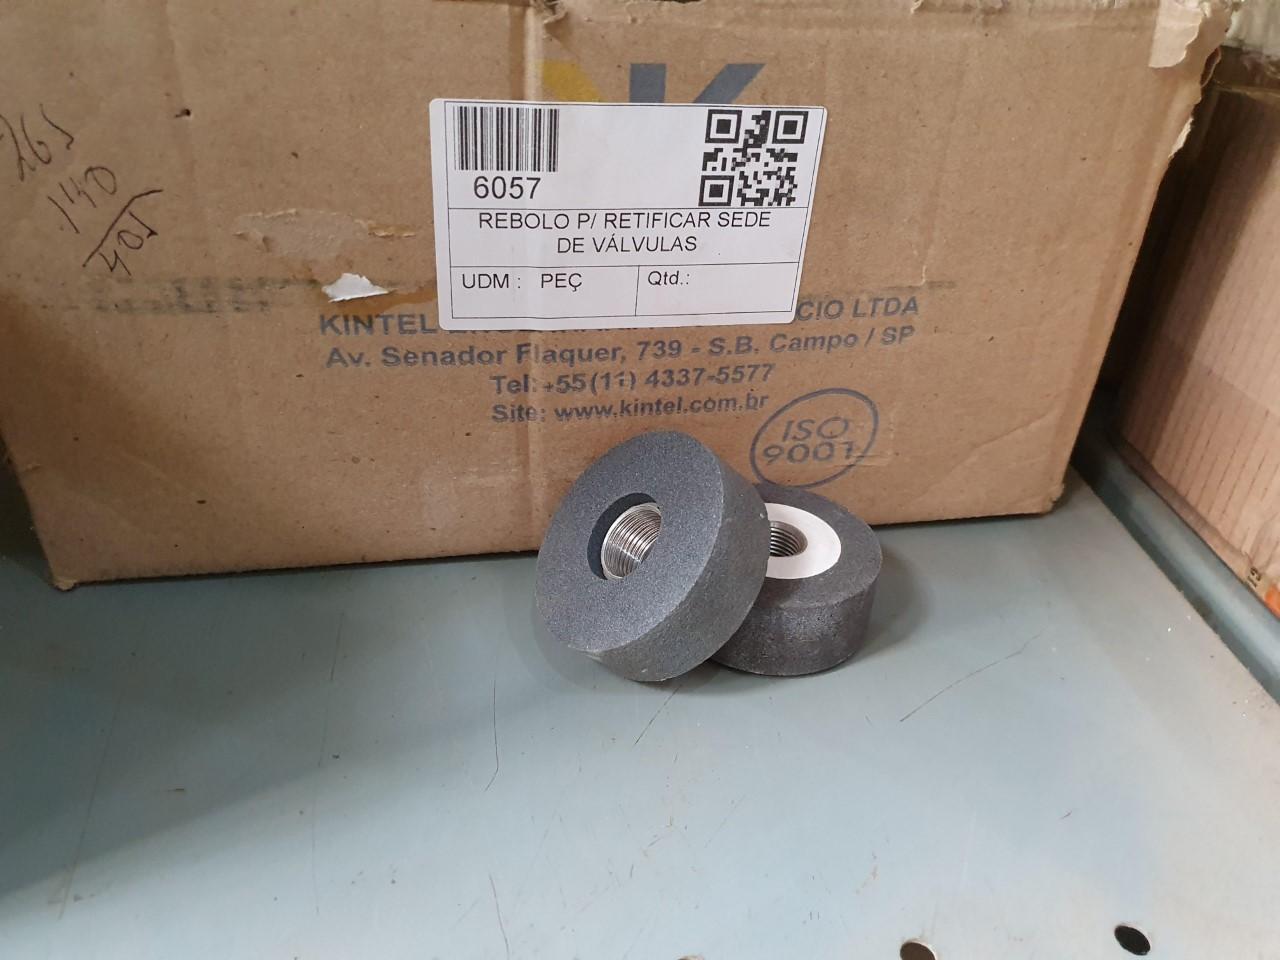 Rebolo p/ retificar sede de válvulas aprox. 30 peças